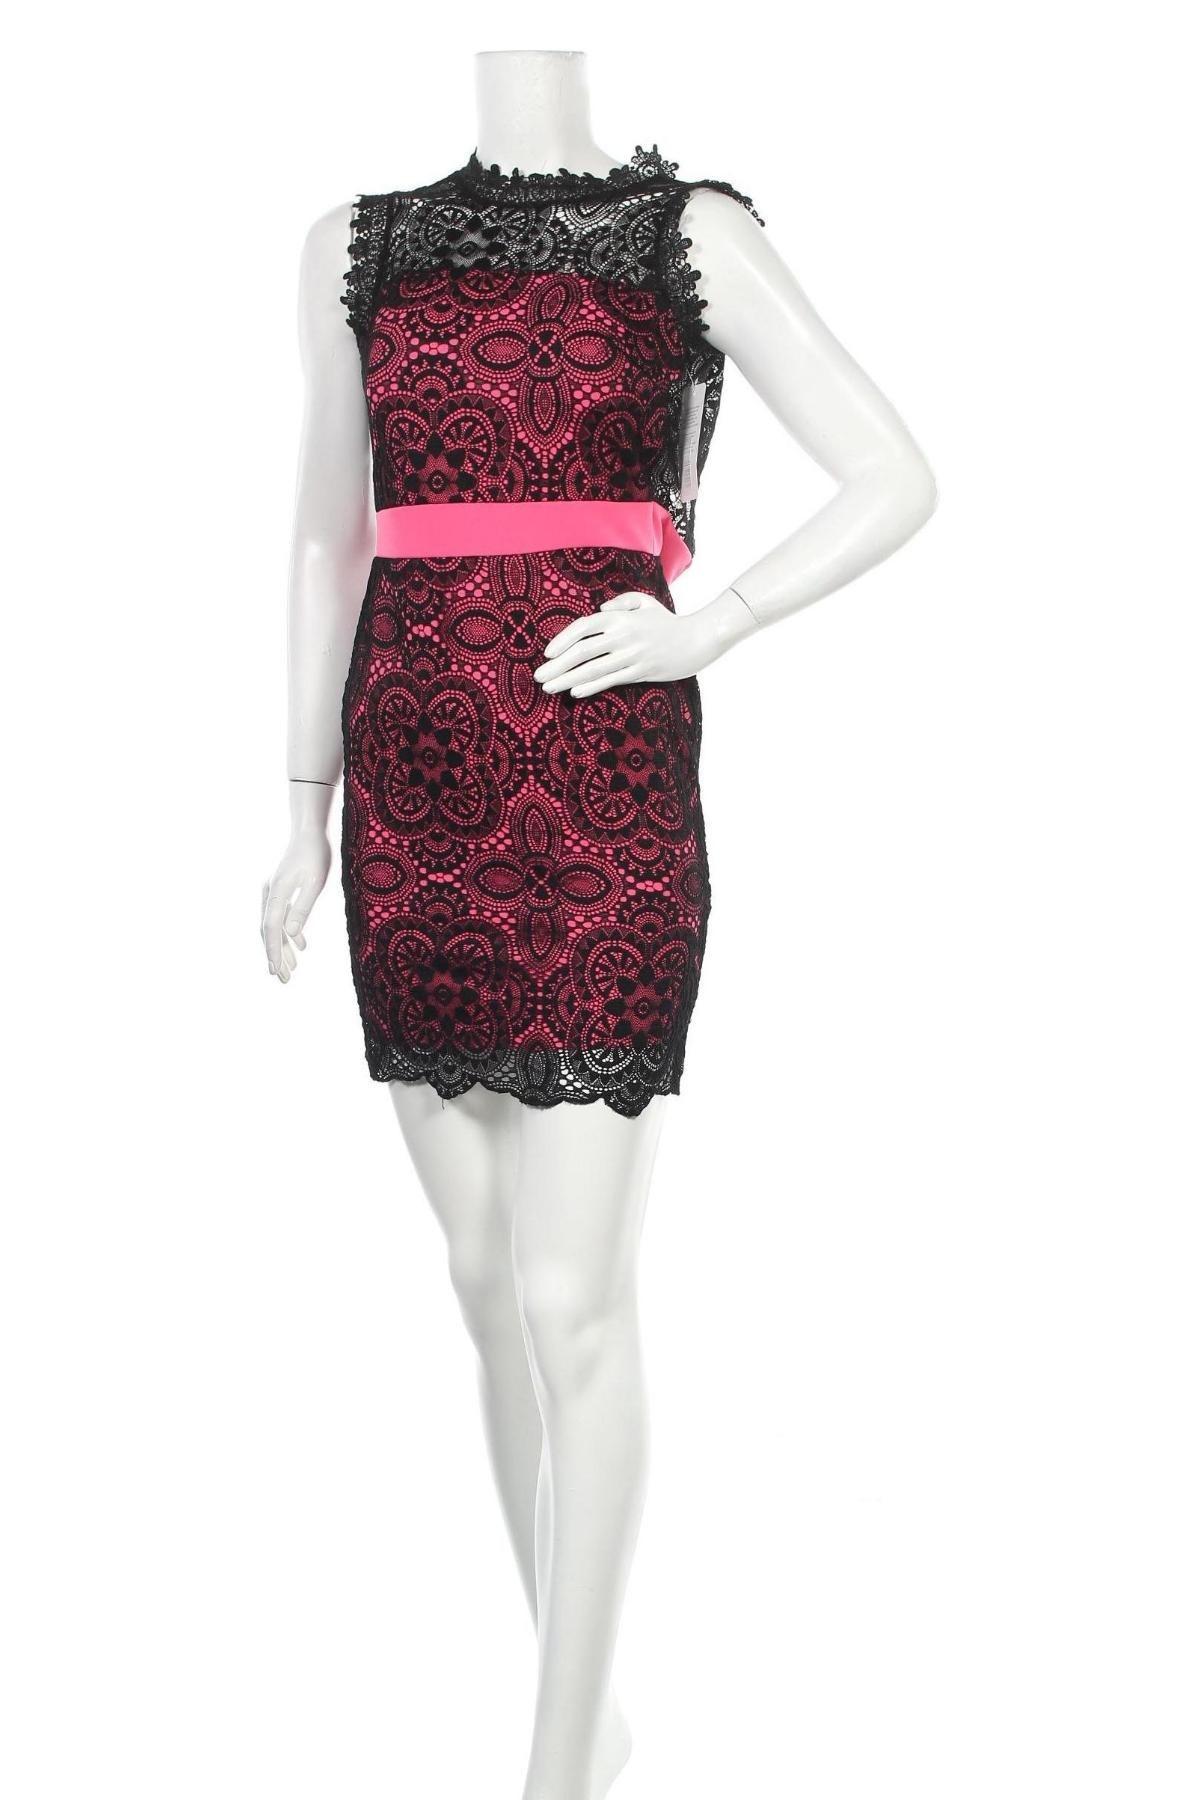 Φόρεμα William, Μέγεθος S, Χρώμα Μαύρο, 95% πολυεστέρας, 5% ελαστάνη, Τιμή 27,83€